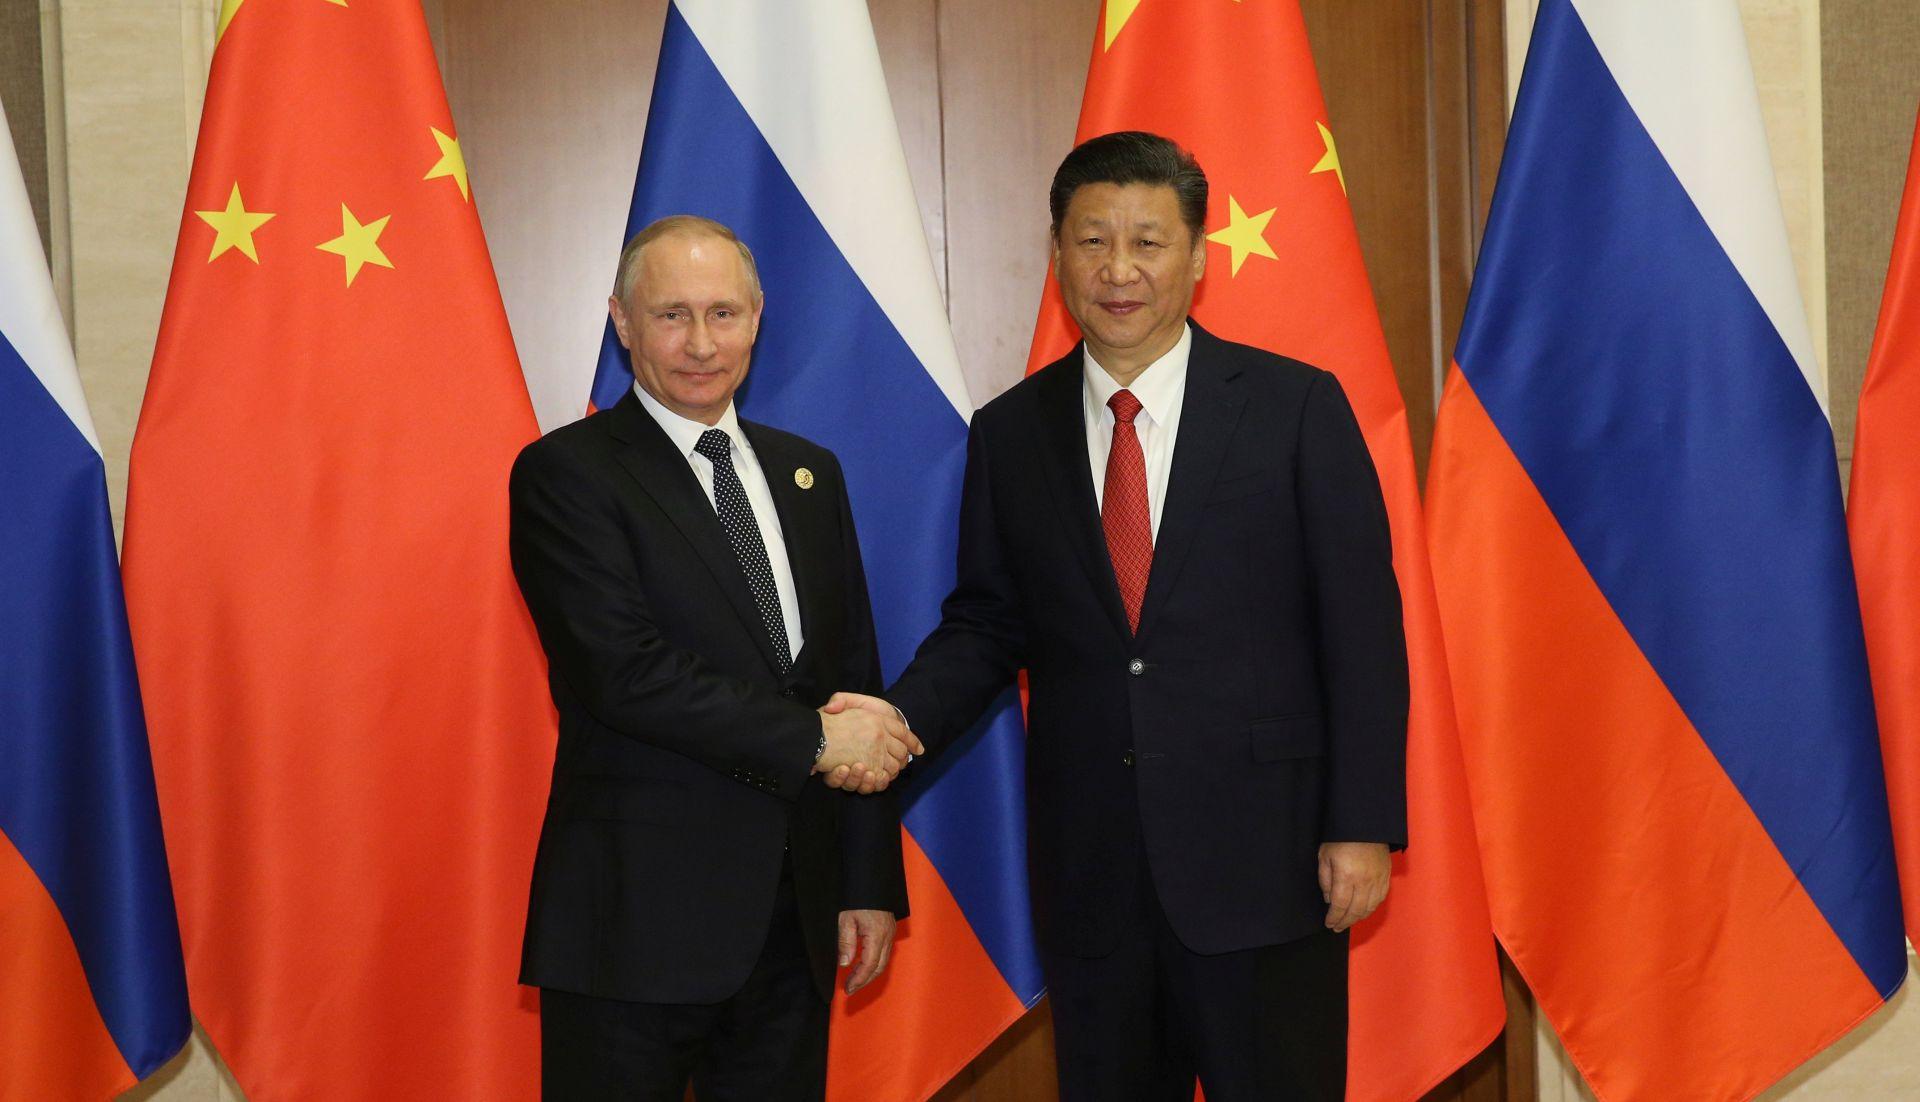 PUTIN 'Rusija i Kina koristit će vlastite valute u trgovinskoj razmjeni'